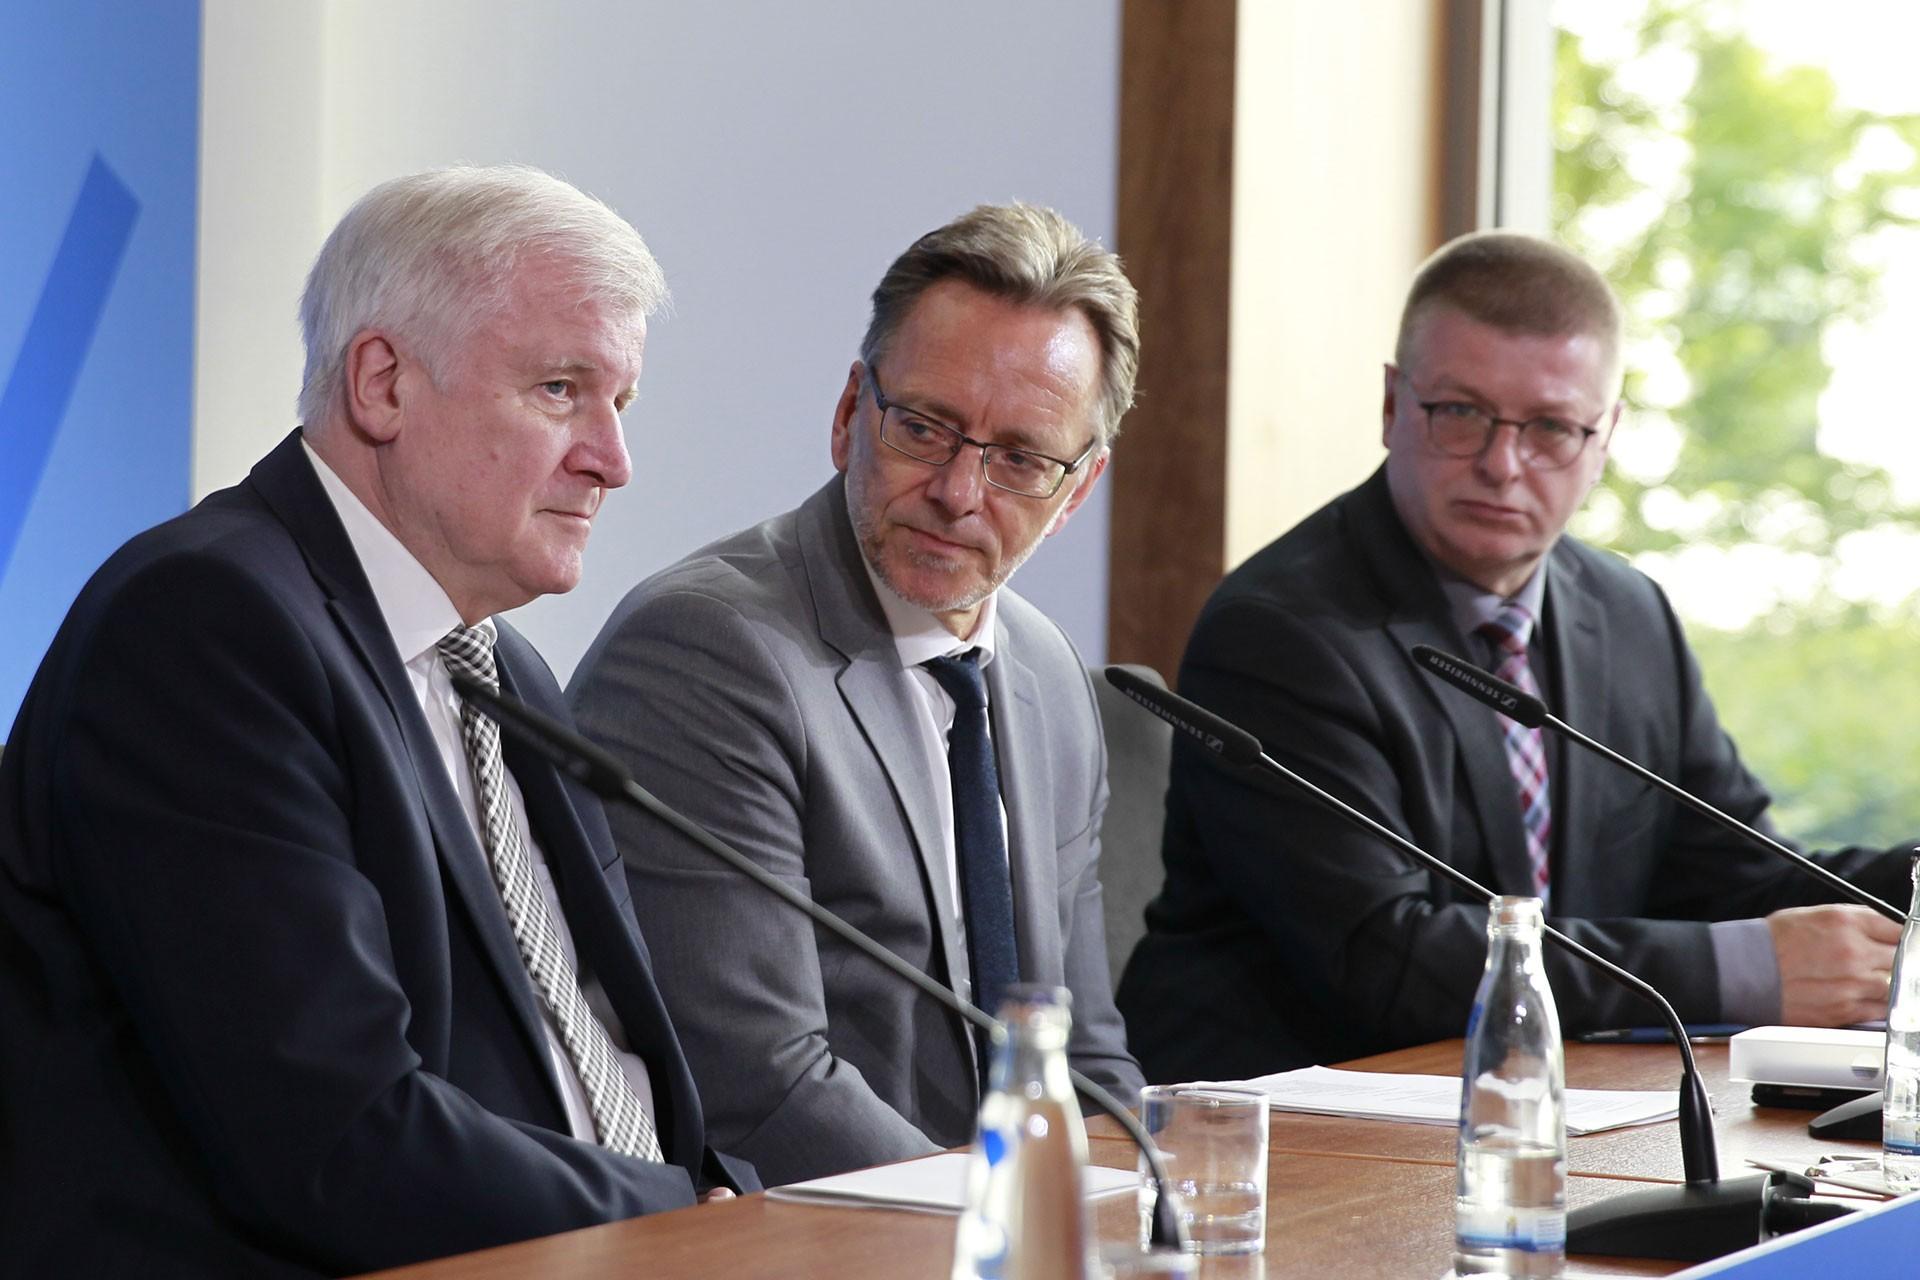 Alman Vali Walter Lübcke'yi Neonaziler mi öldürdü?